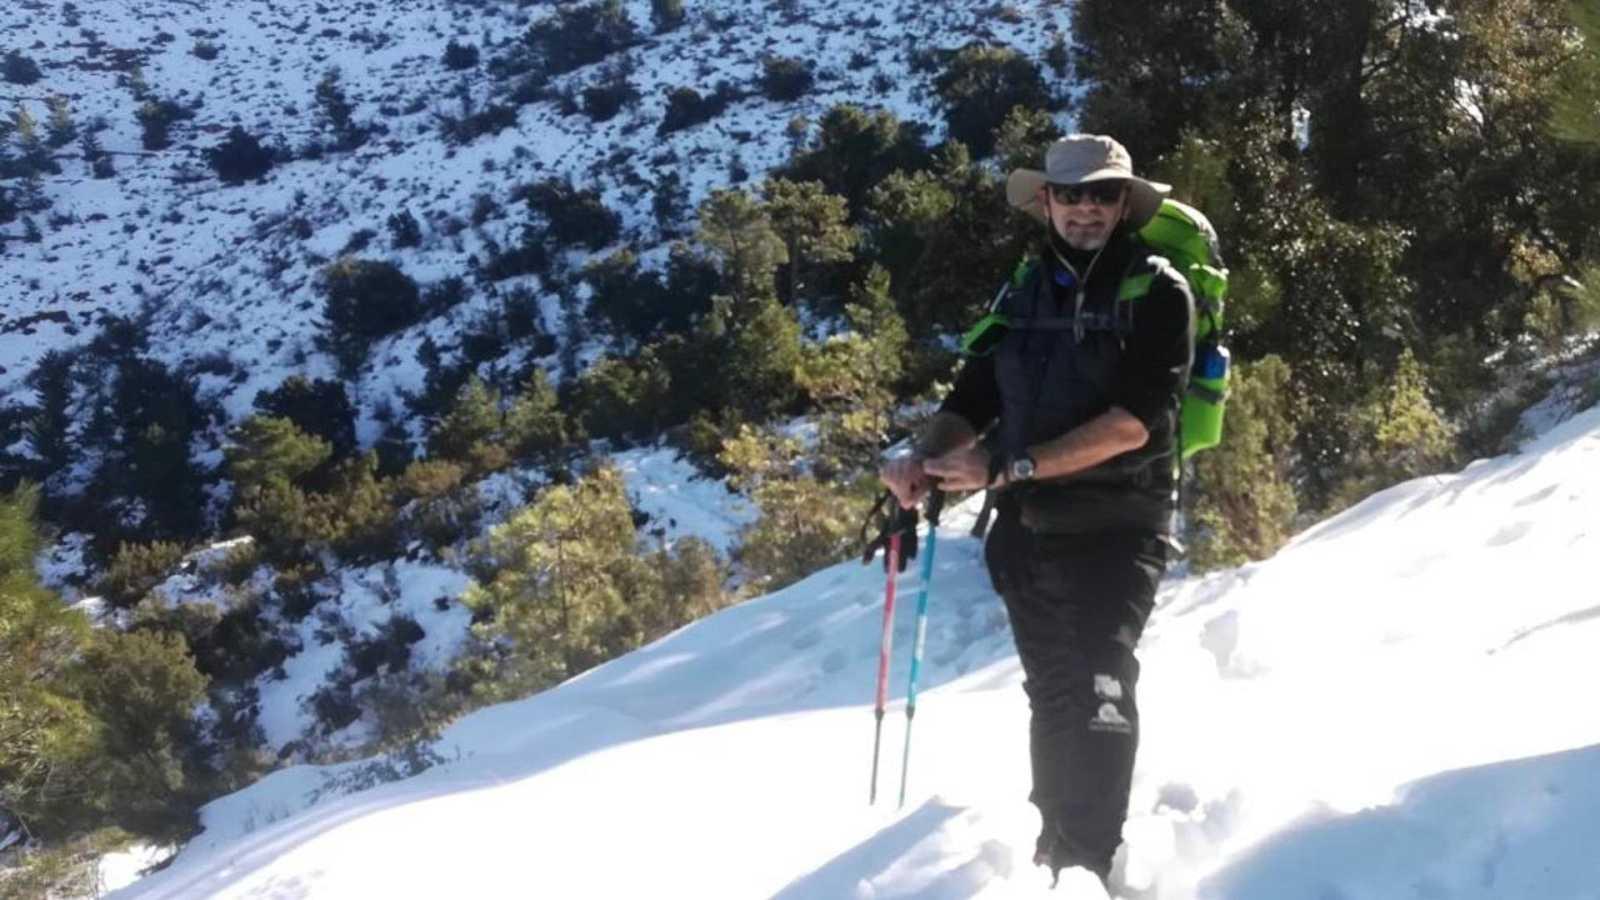 Sin atajos - Una charla de montaña - 25/01/21 - escuchar ahora